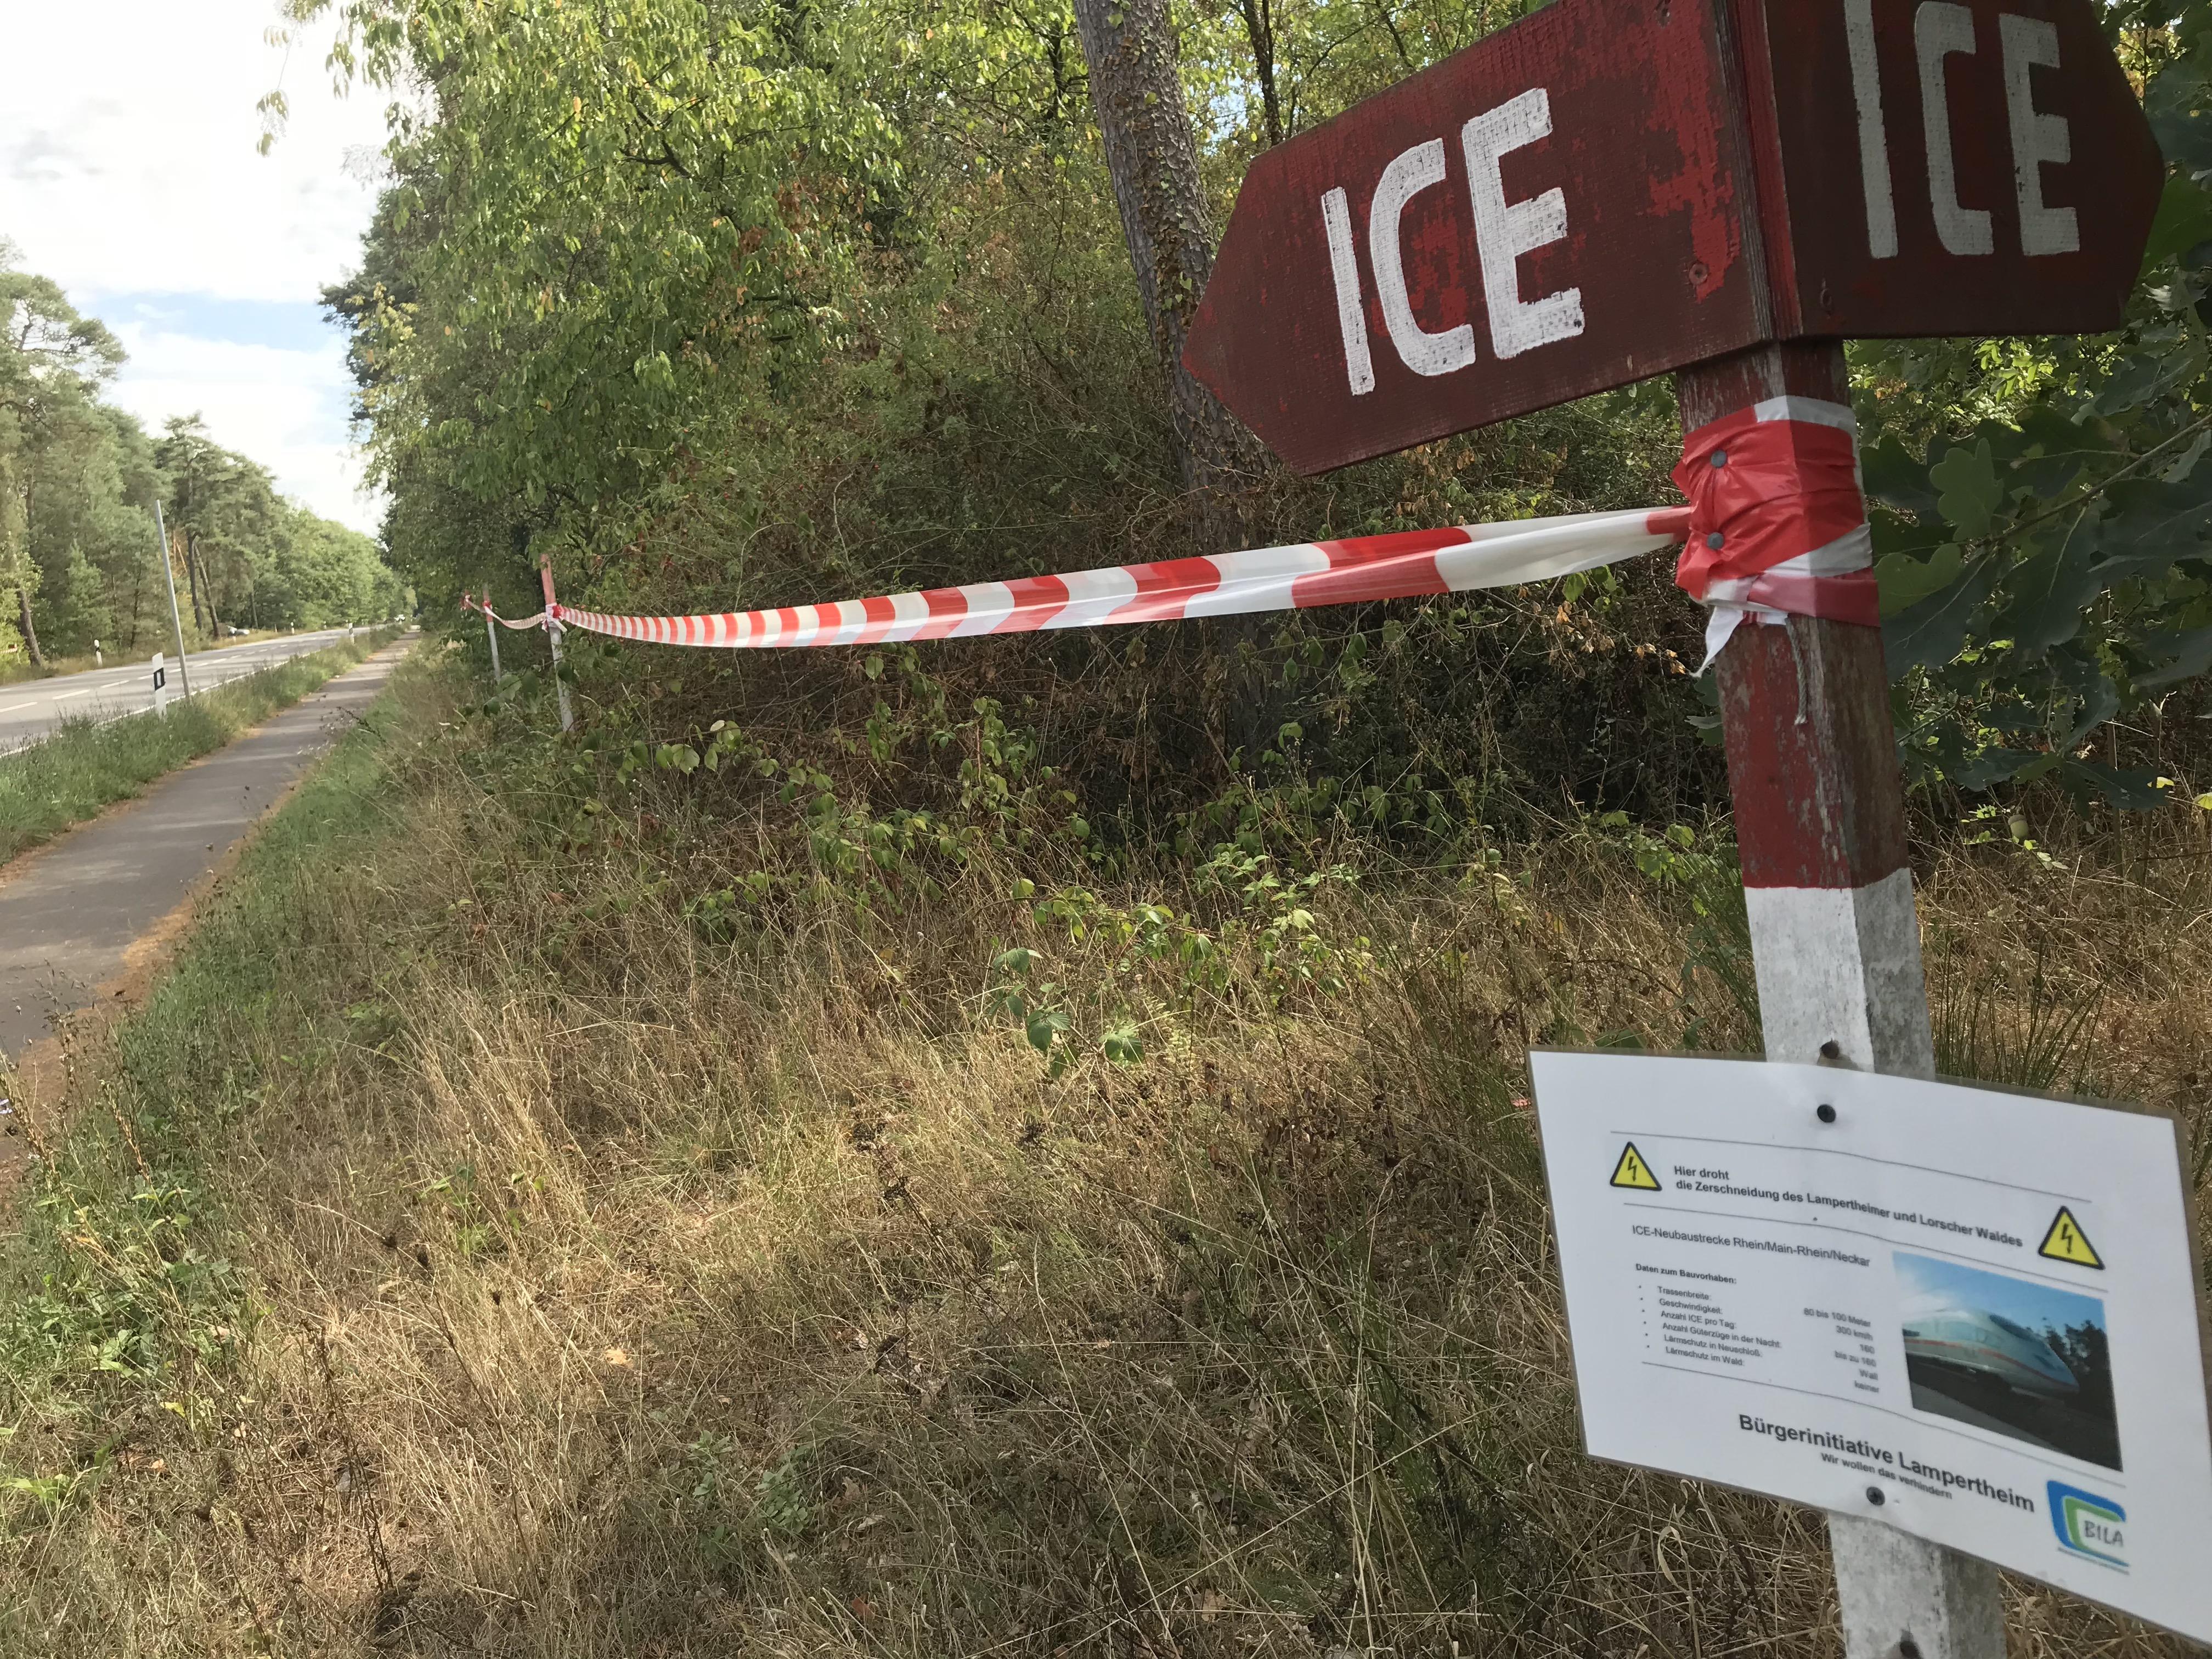 Markierung des möglichen Verlaufs der ICE-Trasse bei Neuschloß.